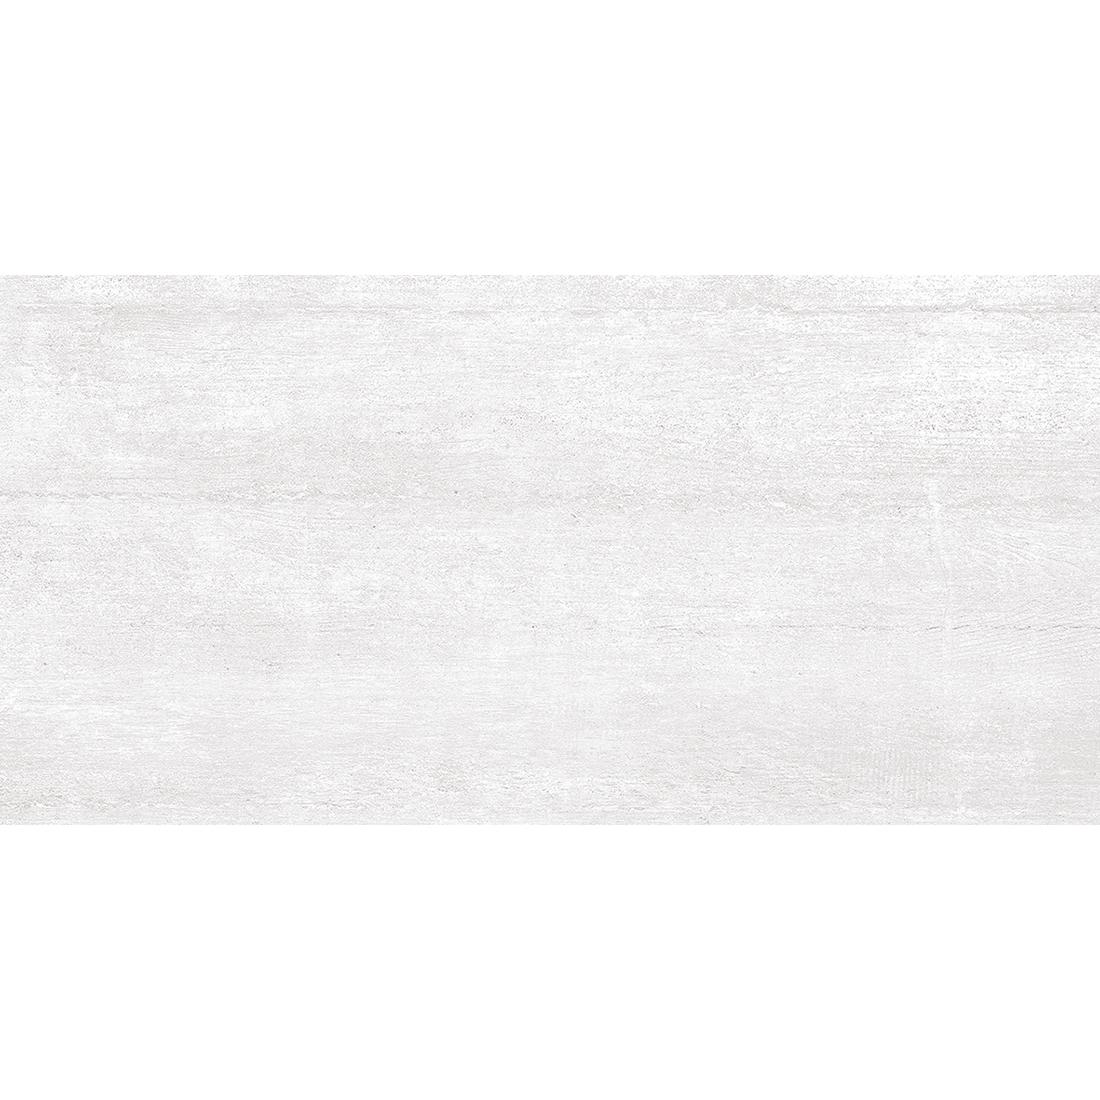 Cemento Rustico 30x60 White Matt 1